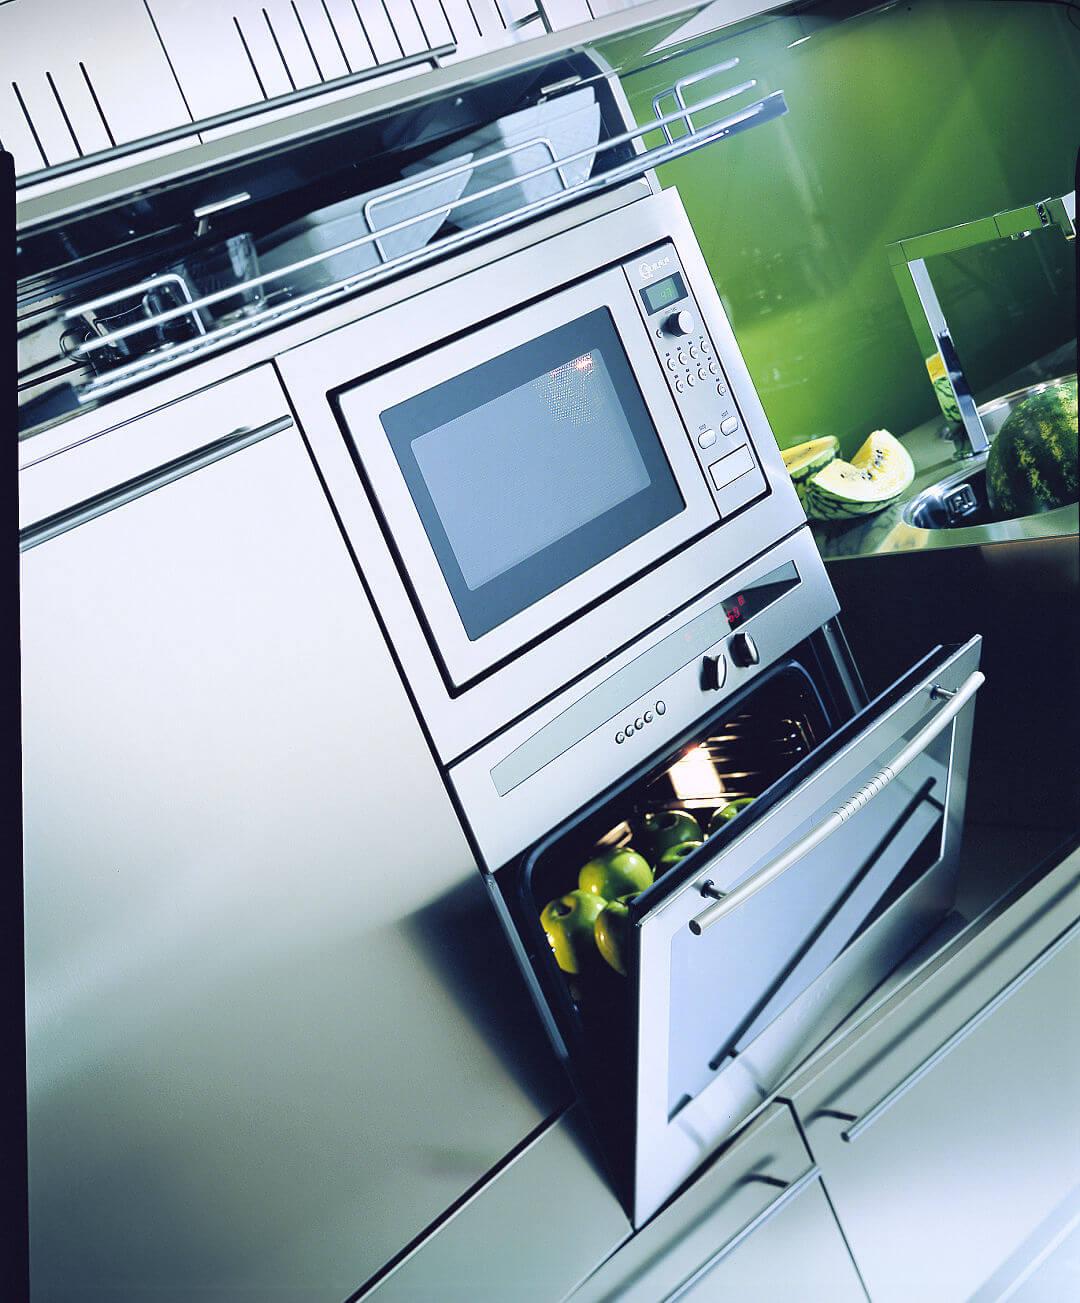 Arca Cucine Italia - Cucina in Acciaio Inox su misura - Forni e Lavastoviglie